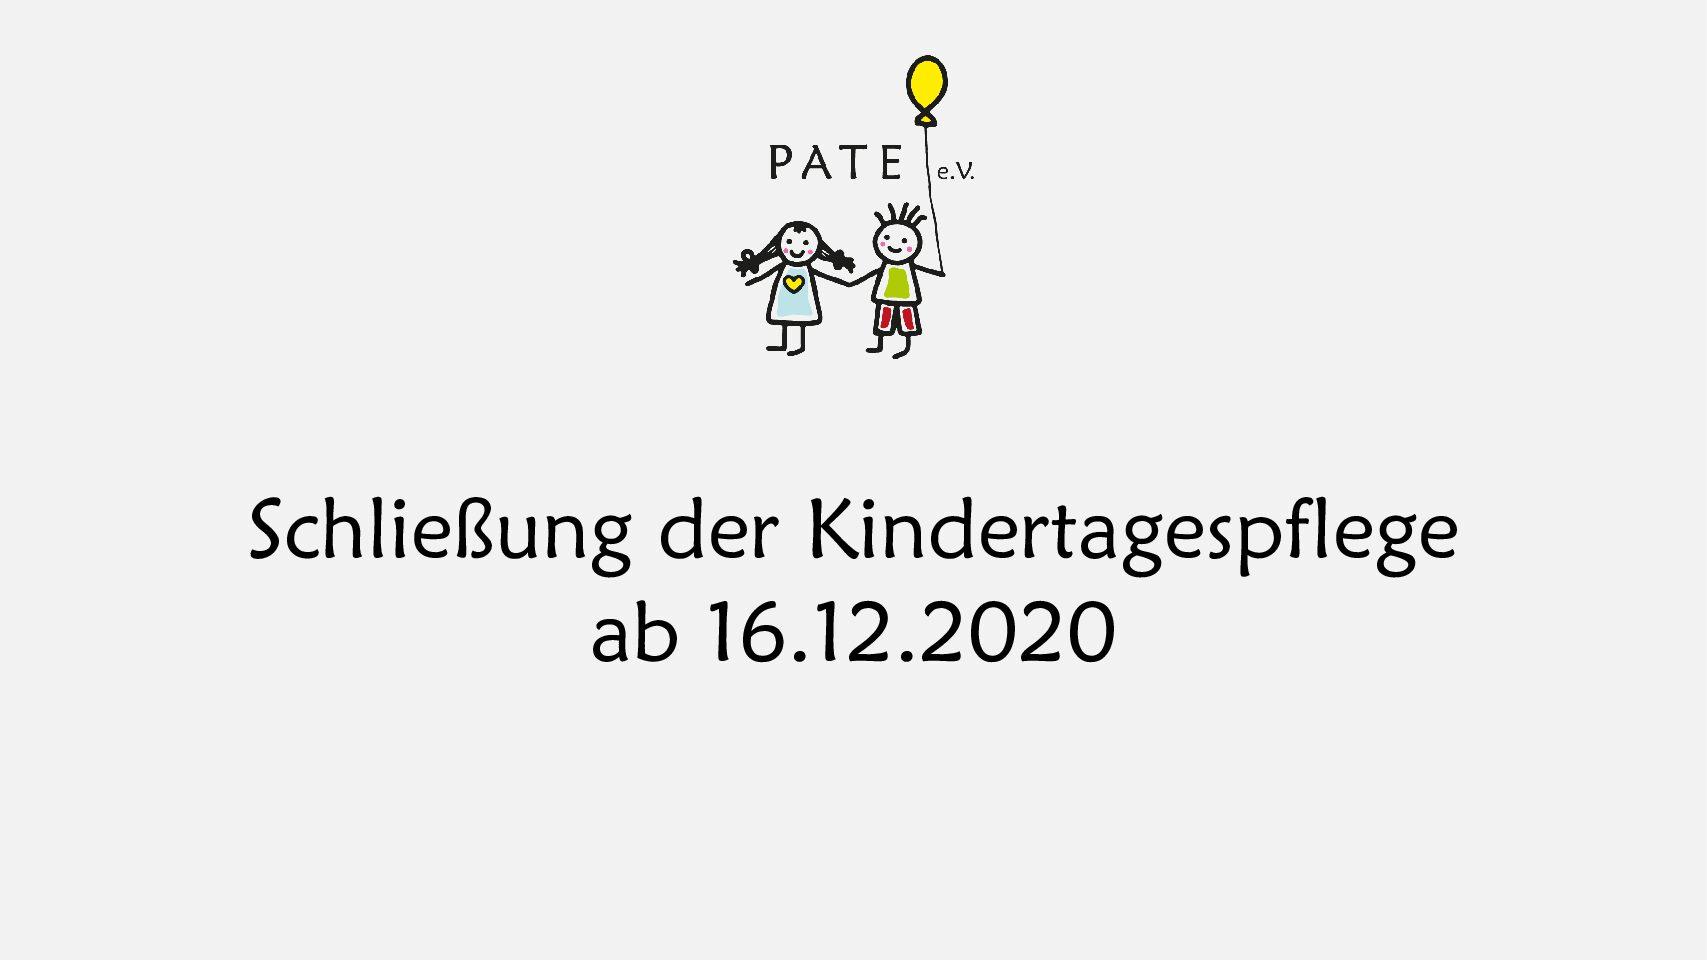 Schließung der Kindertagespflege ab 16.12.2020